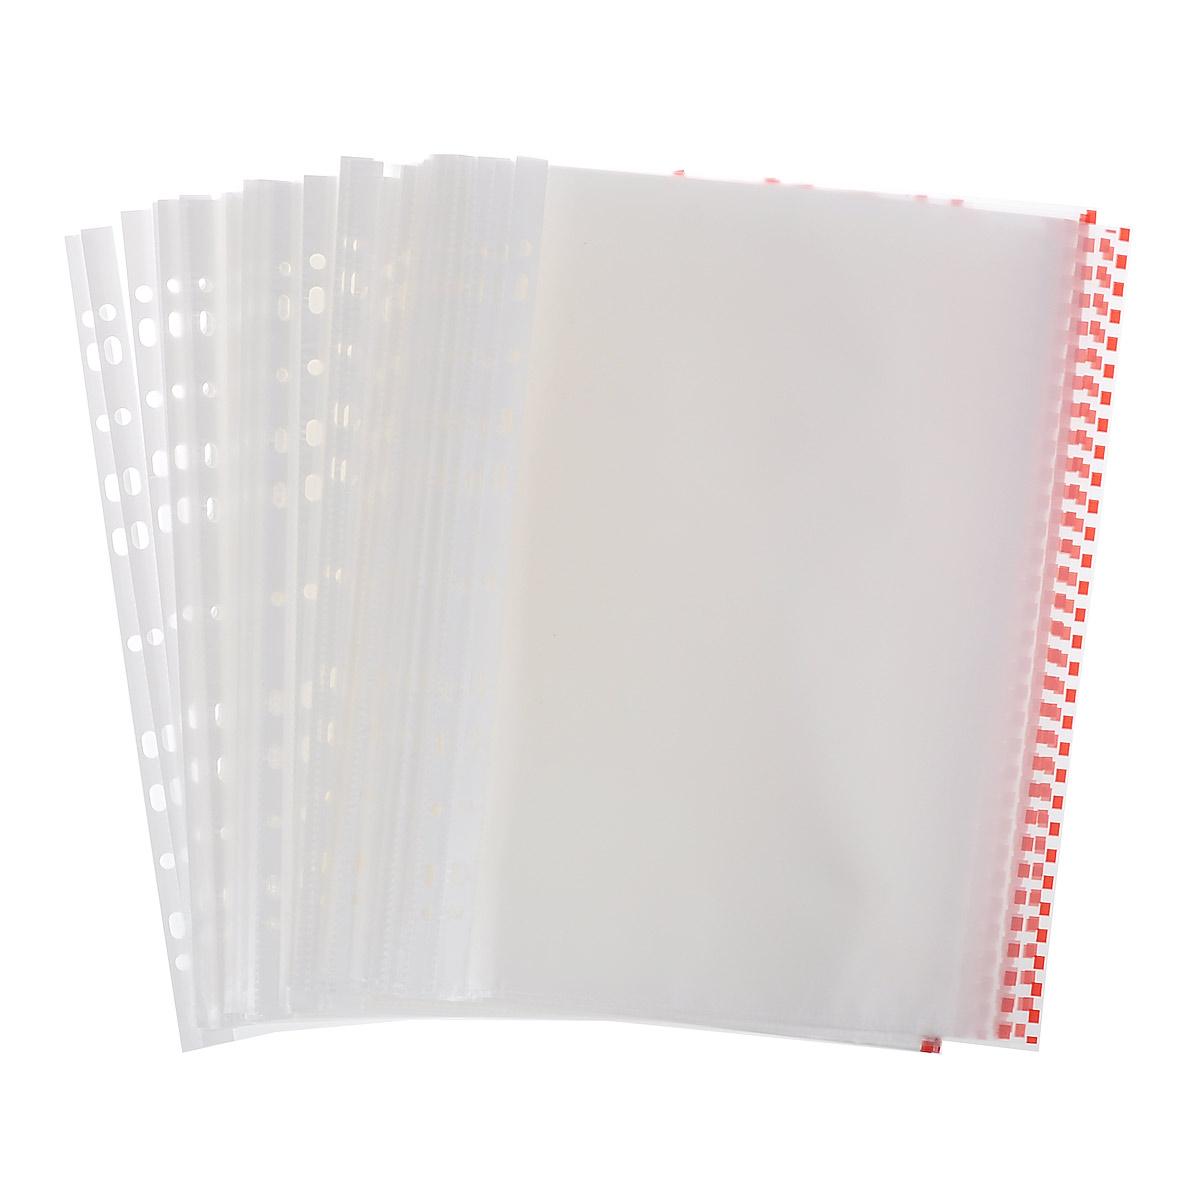 Файл-вкладыш  Erich Krause , с перфорацией, цвет: прозрачный, красный, формат А4, 100 шт -  Файлы и разделители